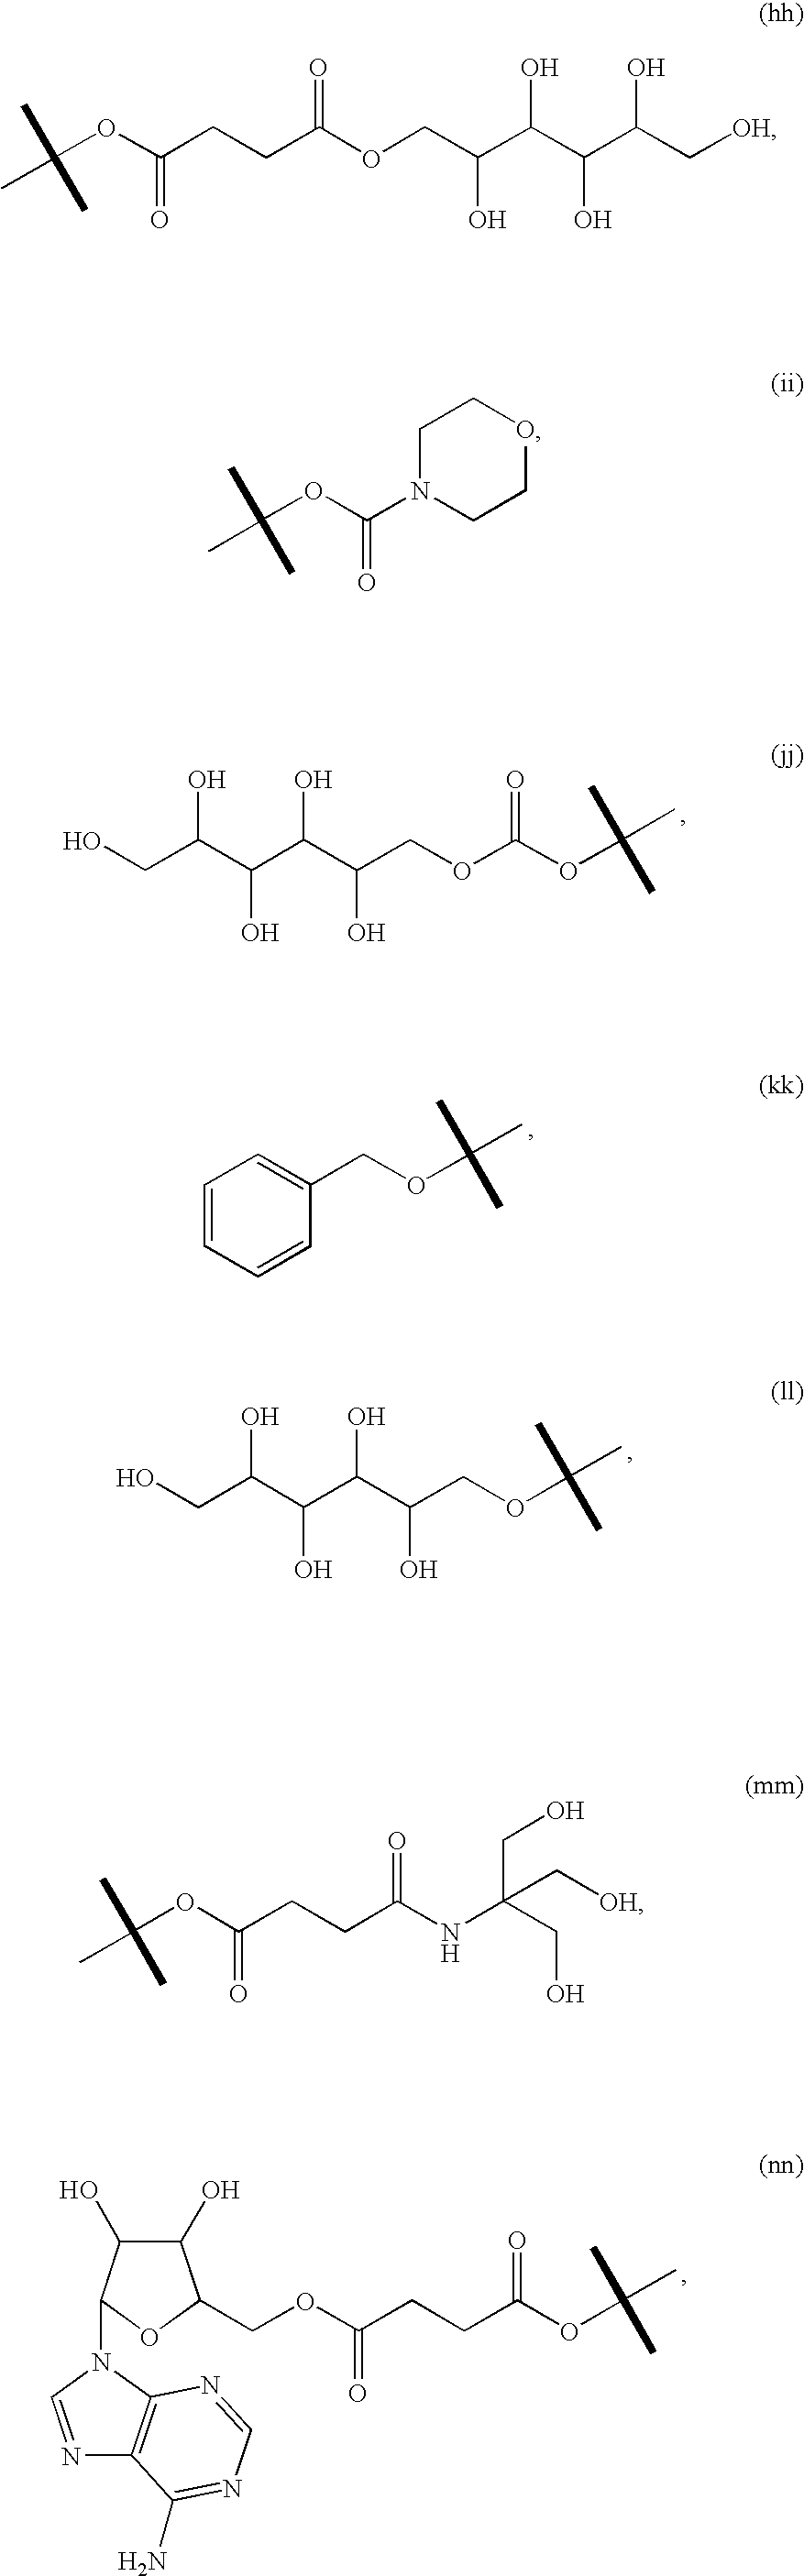 Figure US07691901-20100406-C00034